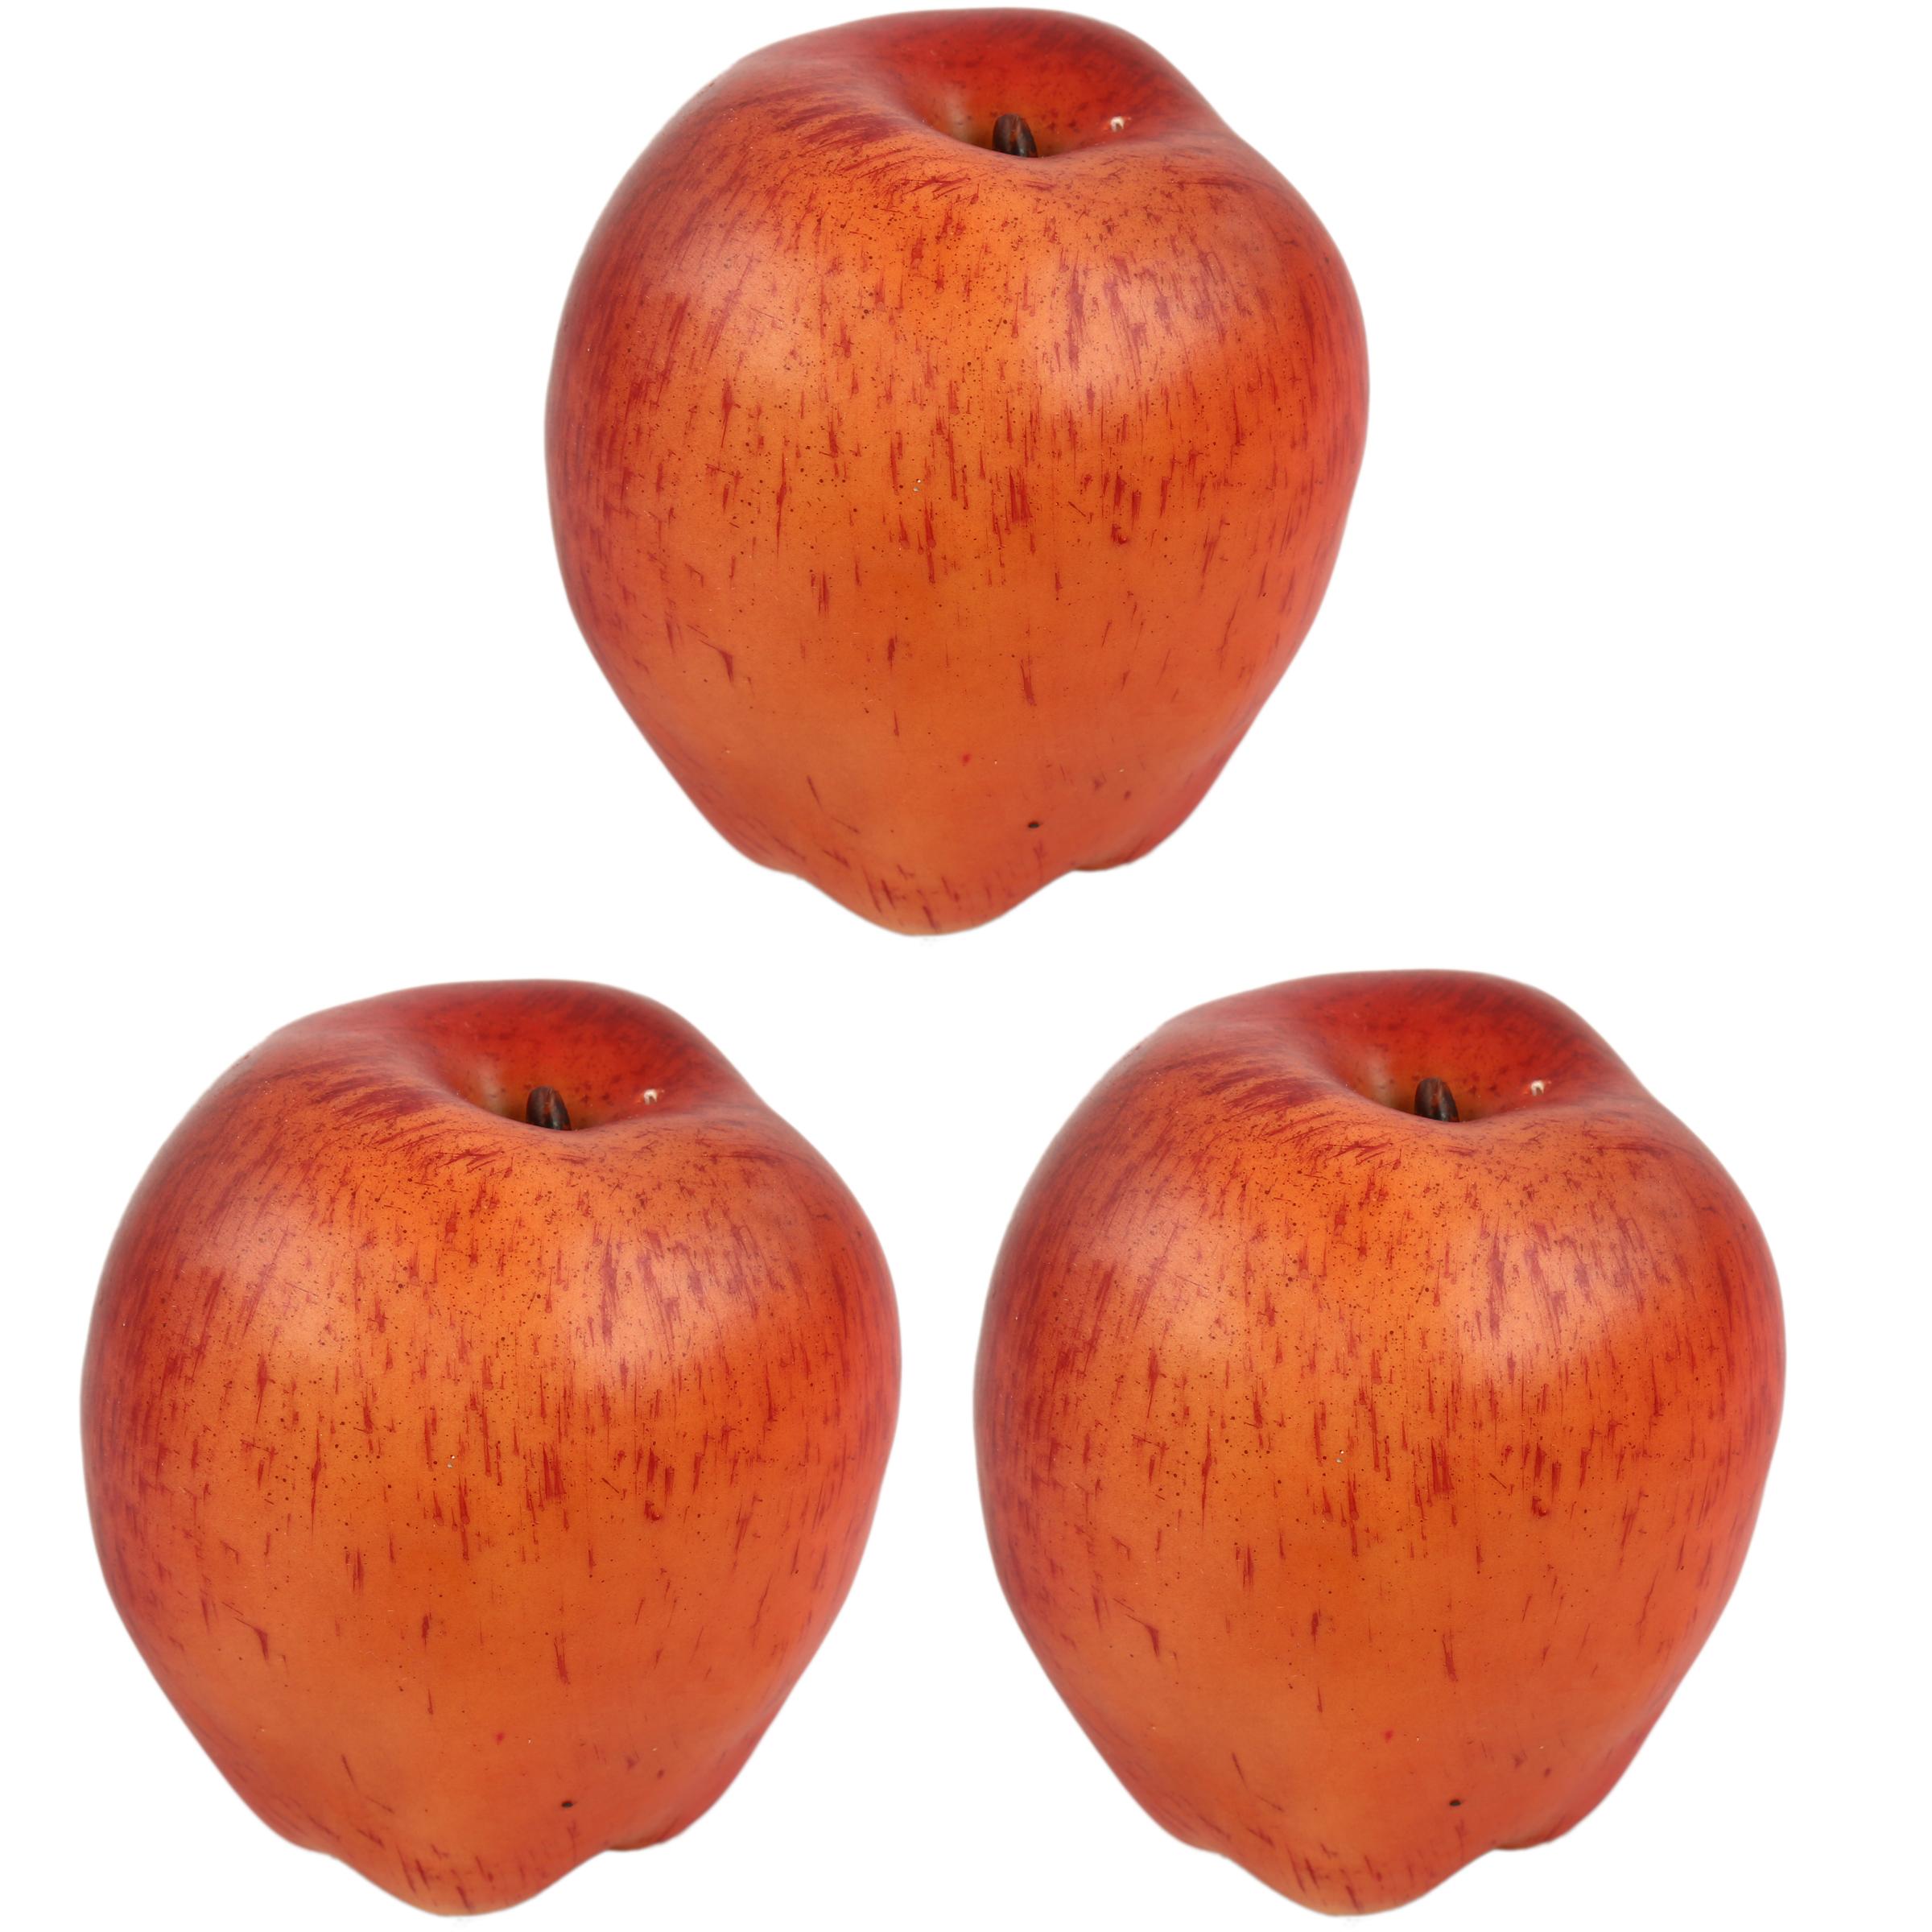 میوه تزئینی هومز طرح سیب کد 40112 بسته 3 عددی